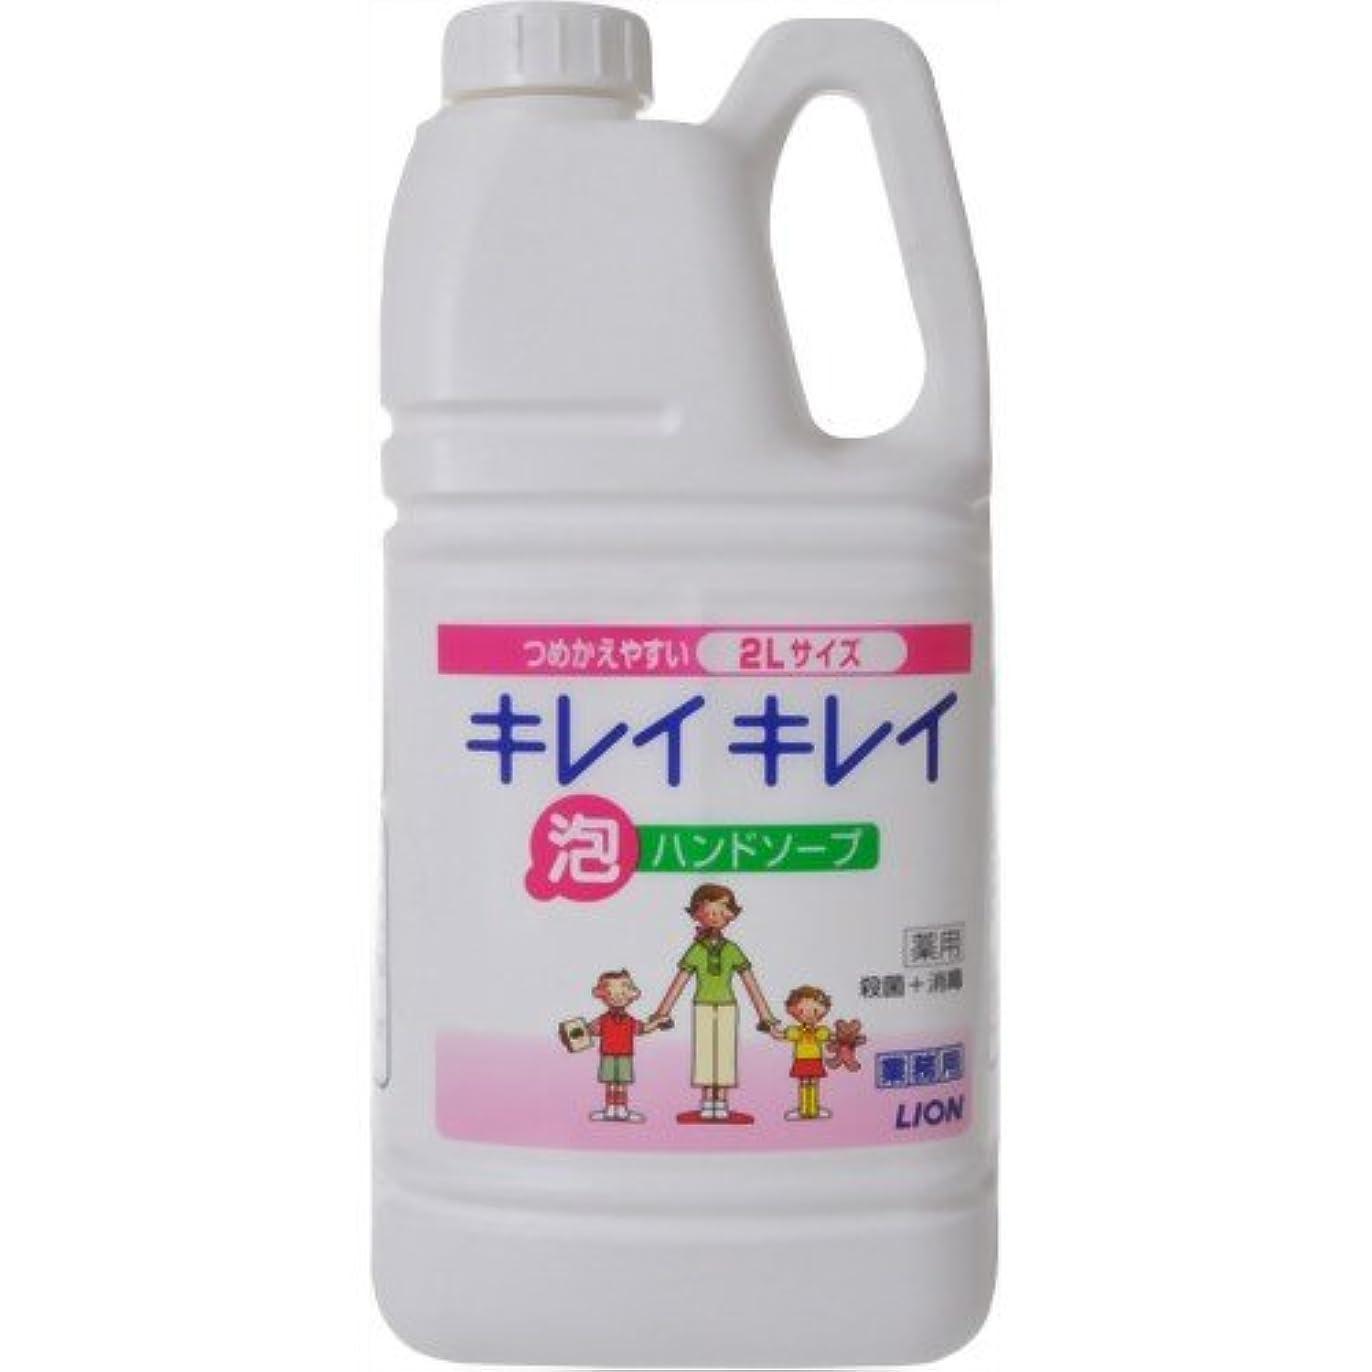 キレイキレイ薬用泡ハンドソープ2L(業務用)